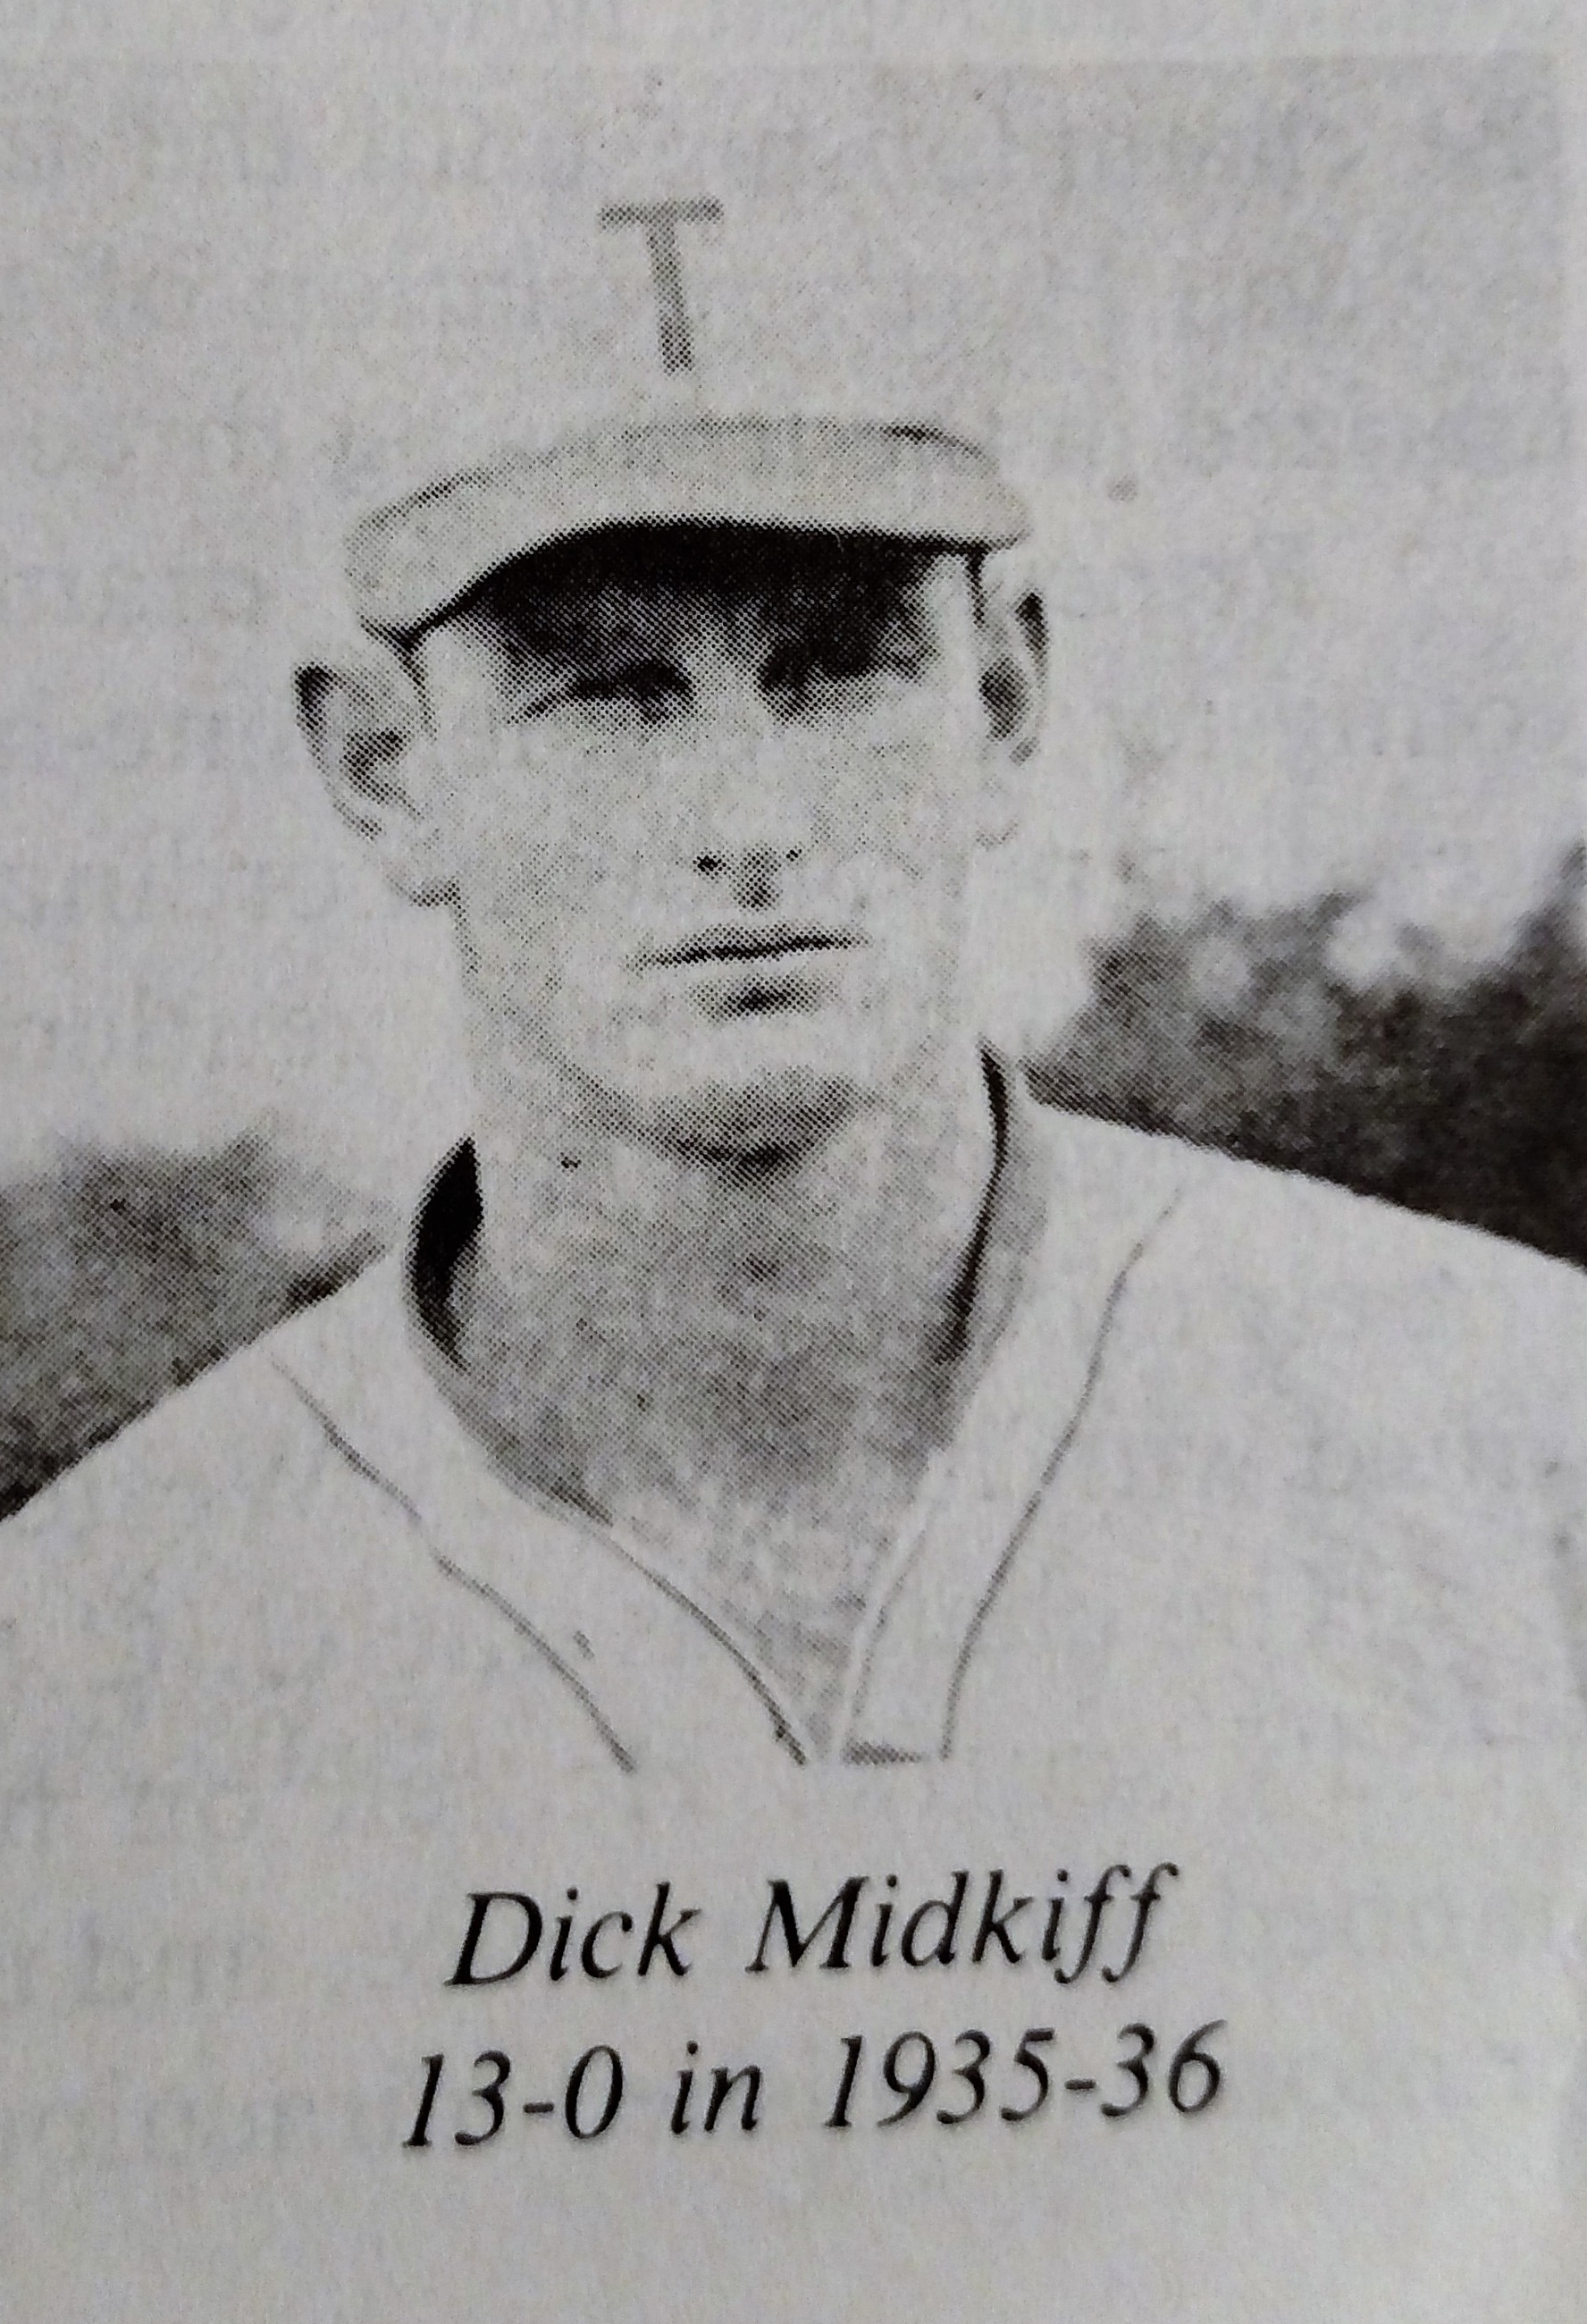 Dick Midkiff- 13-0